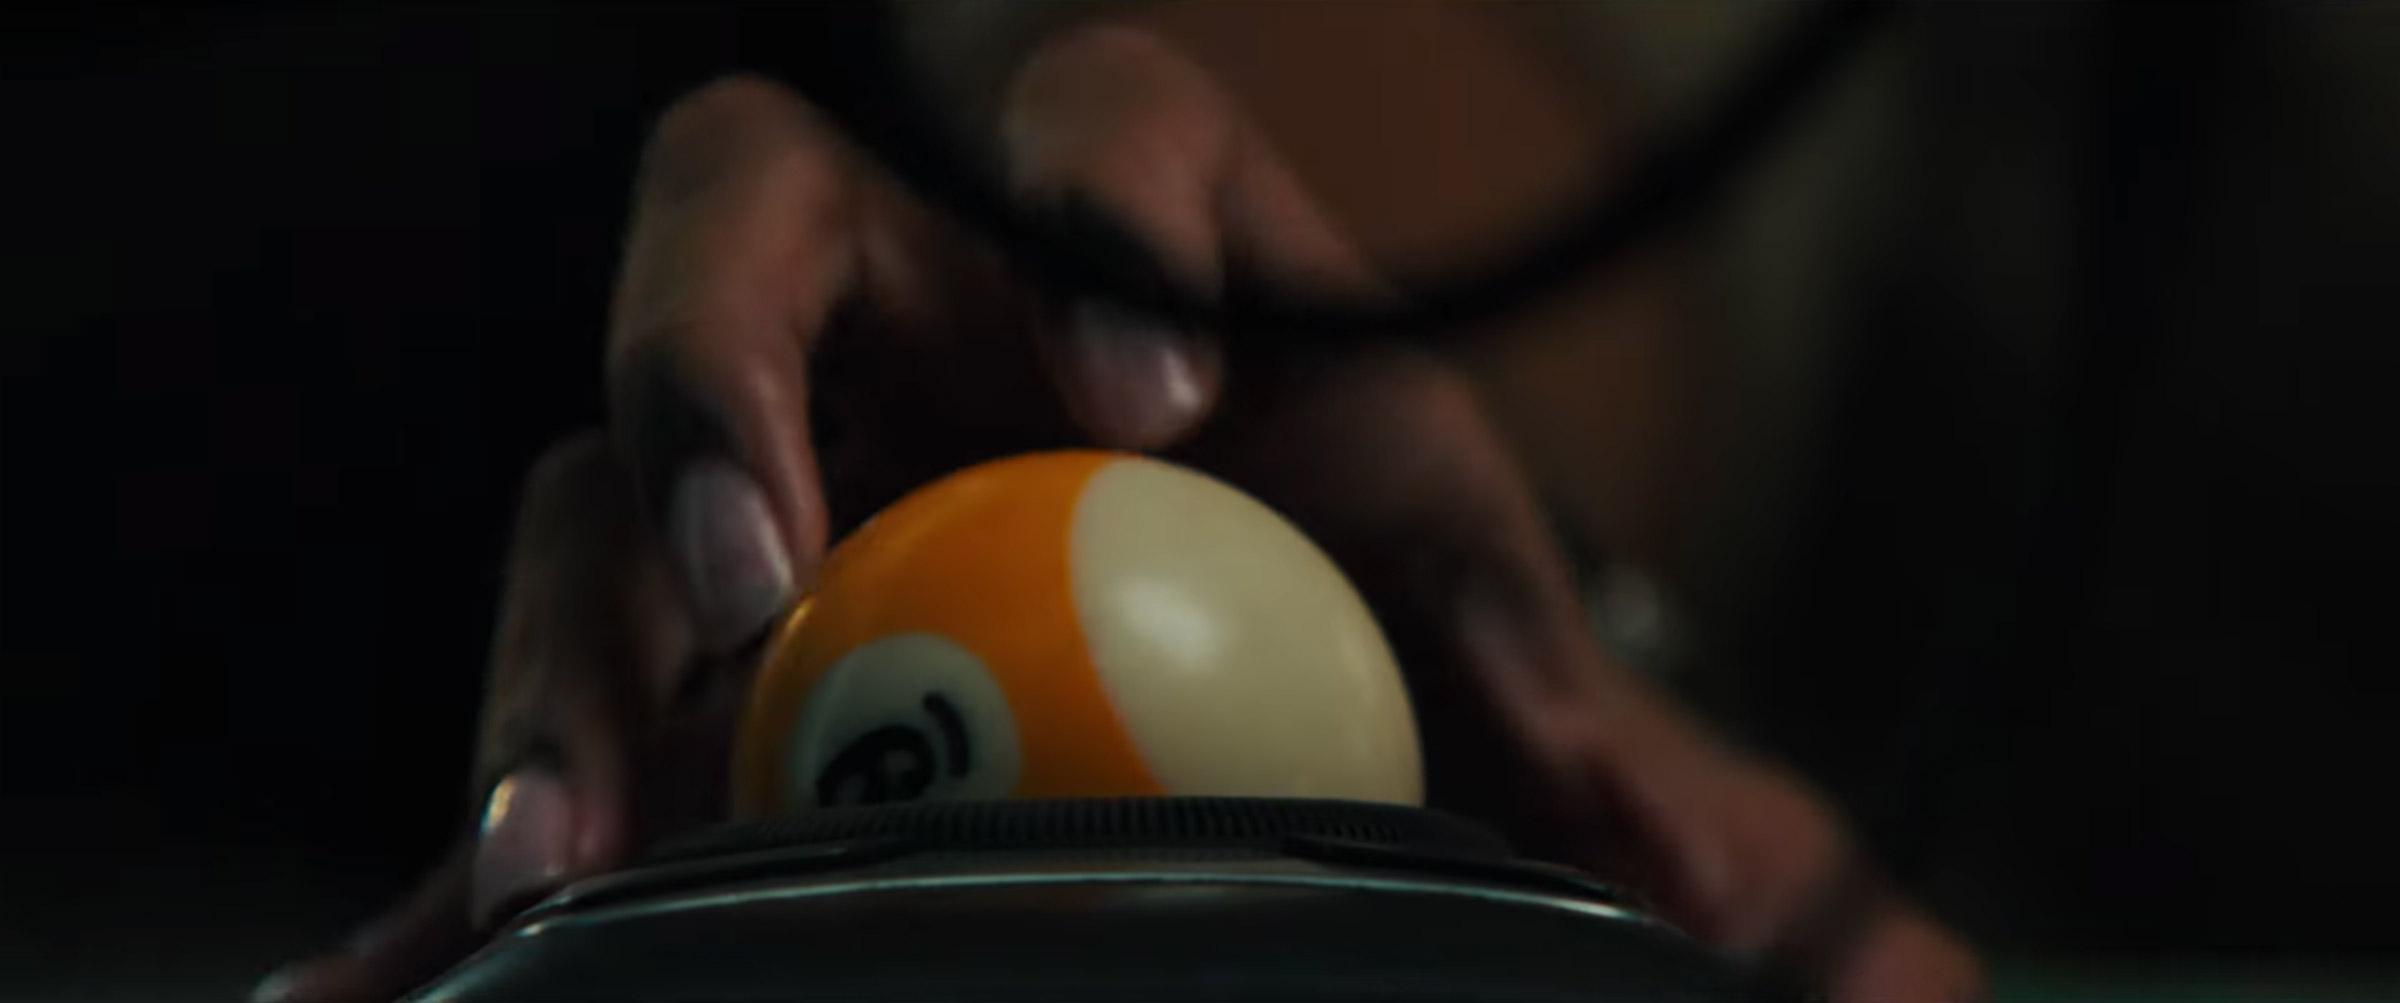 Kensington Expert Trackball in Ocean's 8 - Trackball Mouse